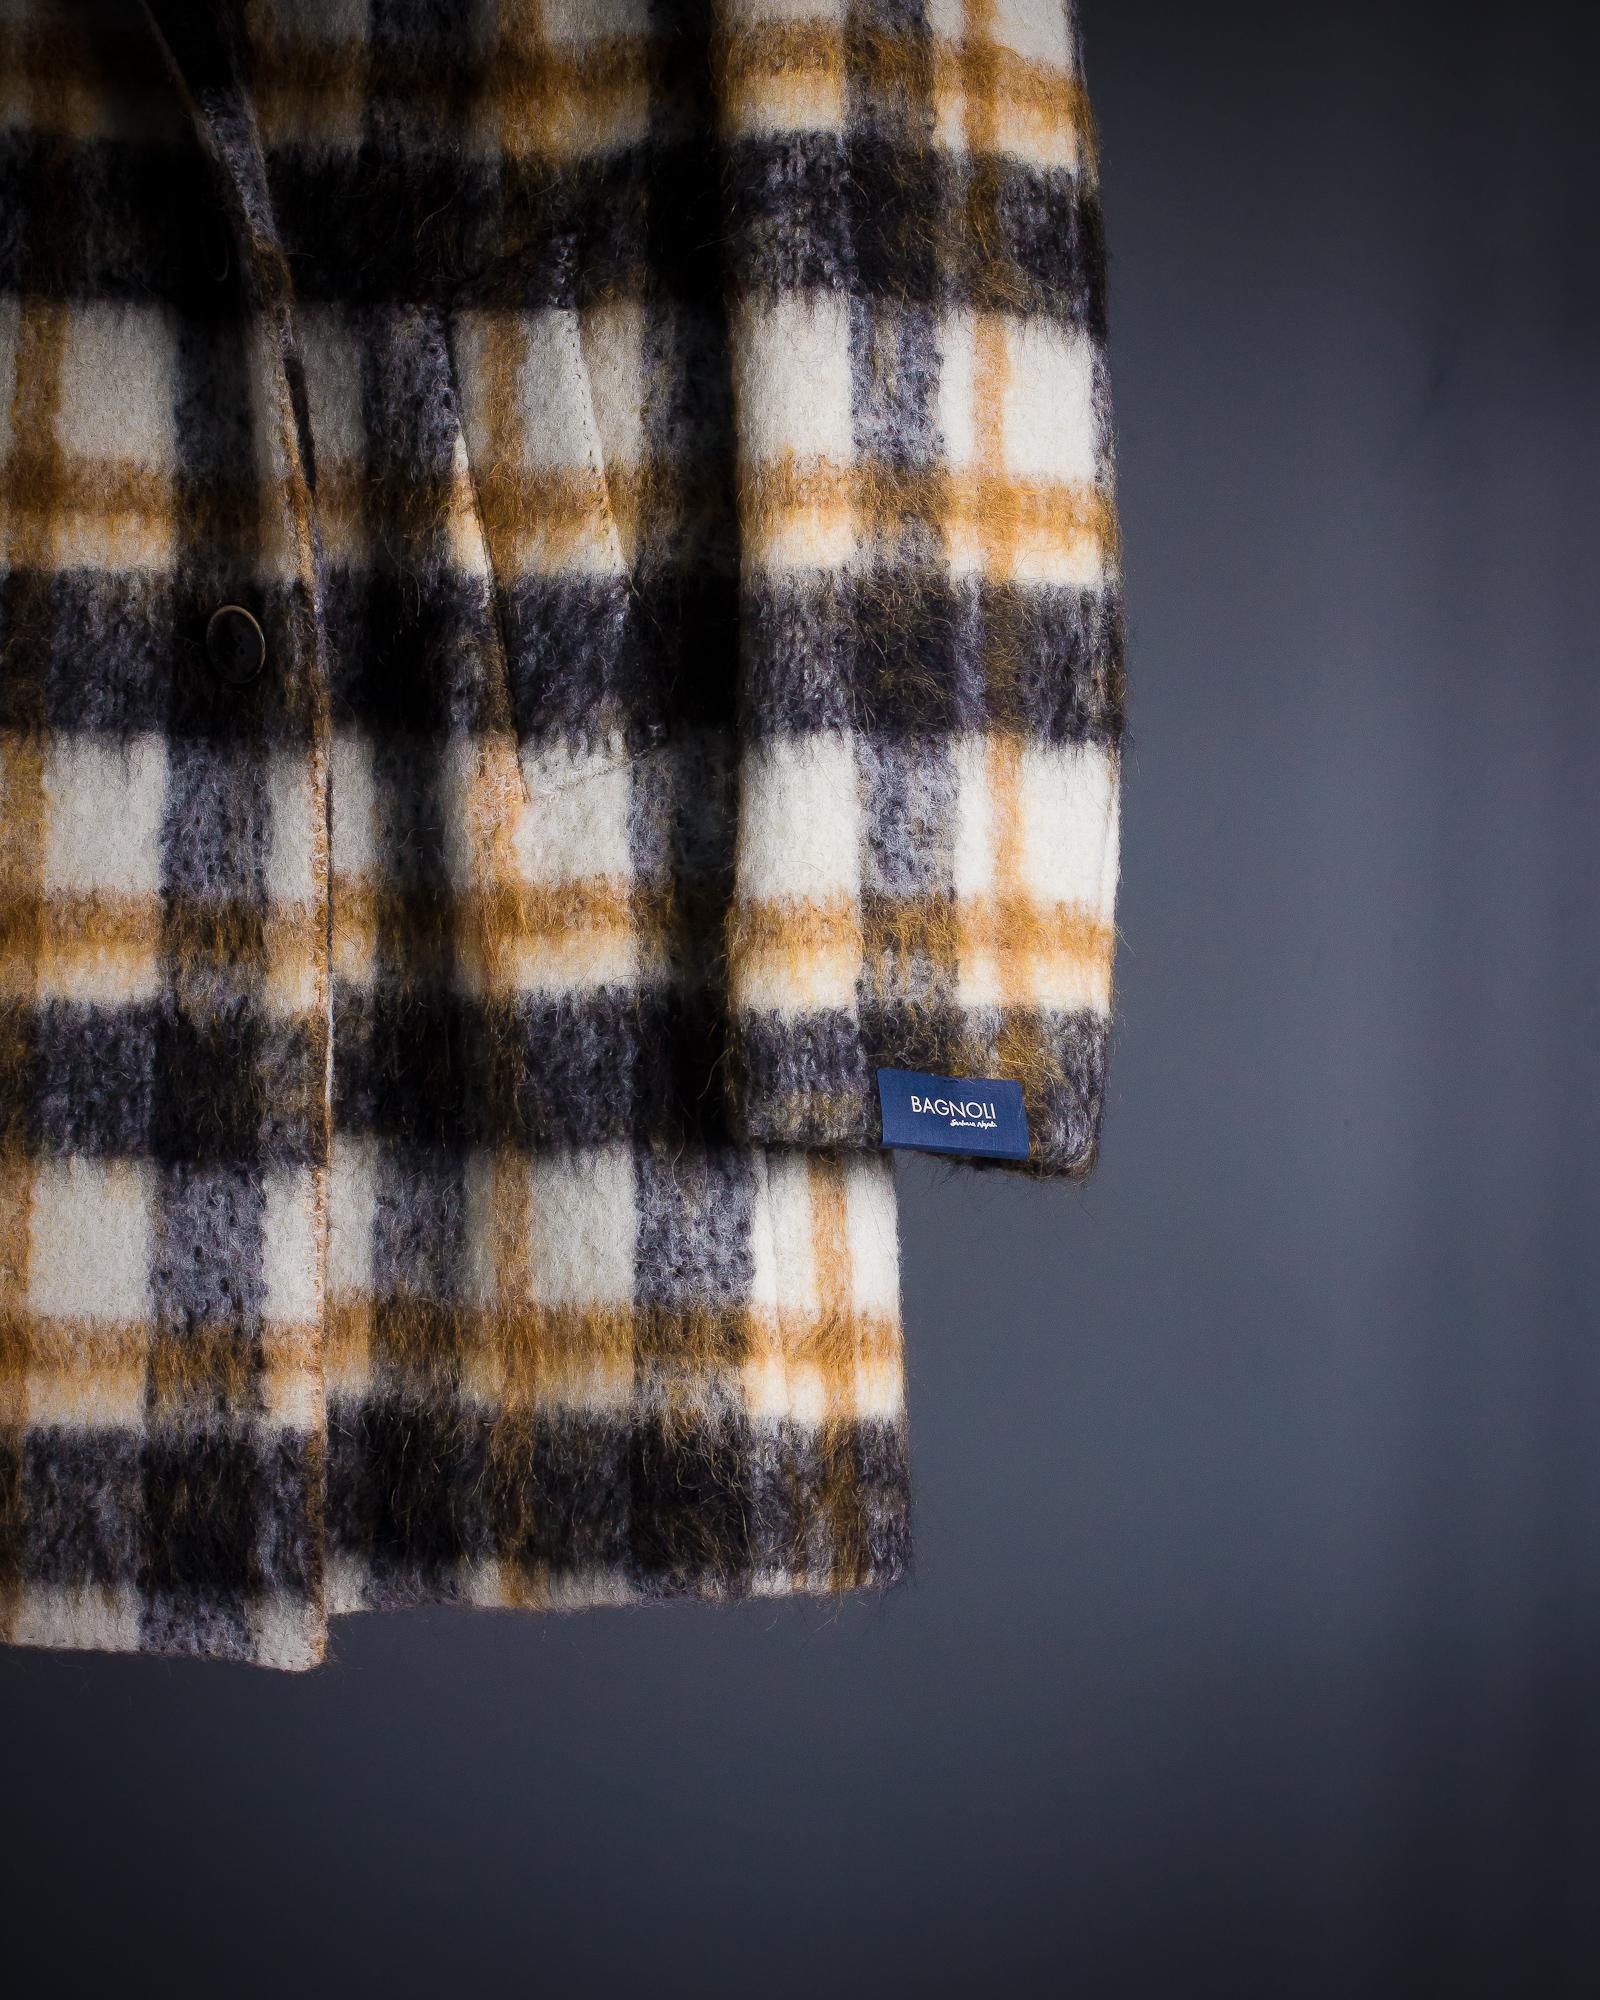 agenzia-comunicazione-napoli-roberto-guariglia-advertising-portfolio-work-fashion-bagnoli-sartoria-napoli-sartoria-napoletana-fall-winter-autunno-inverno-2018-3-1.jpg